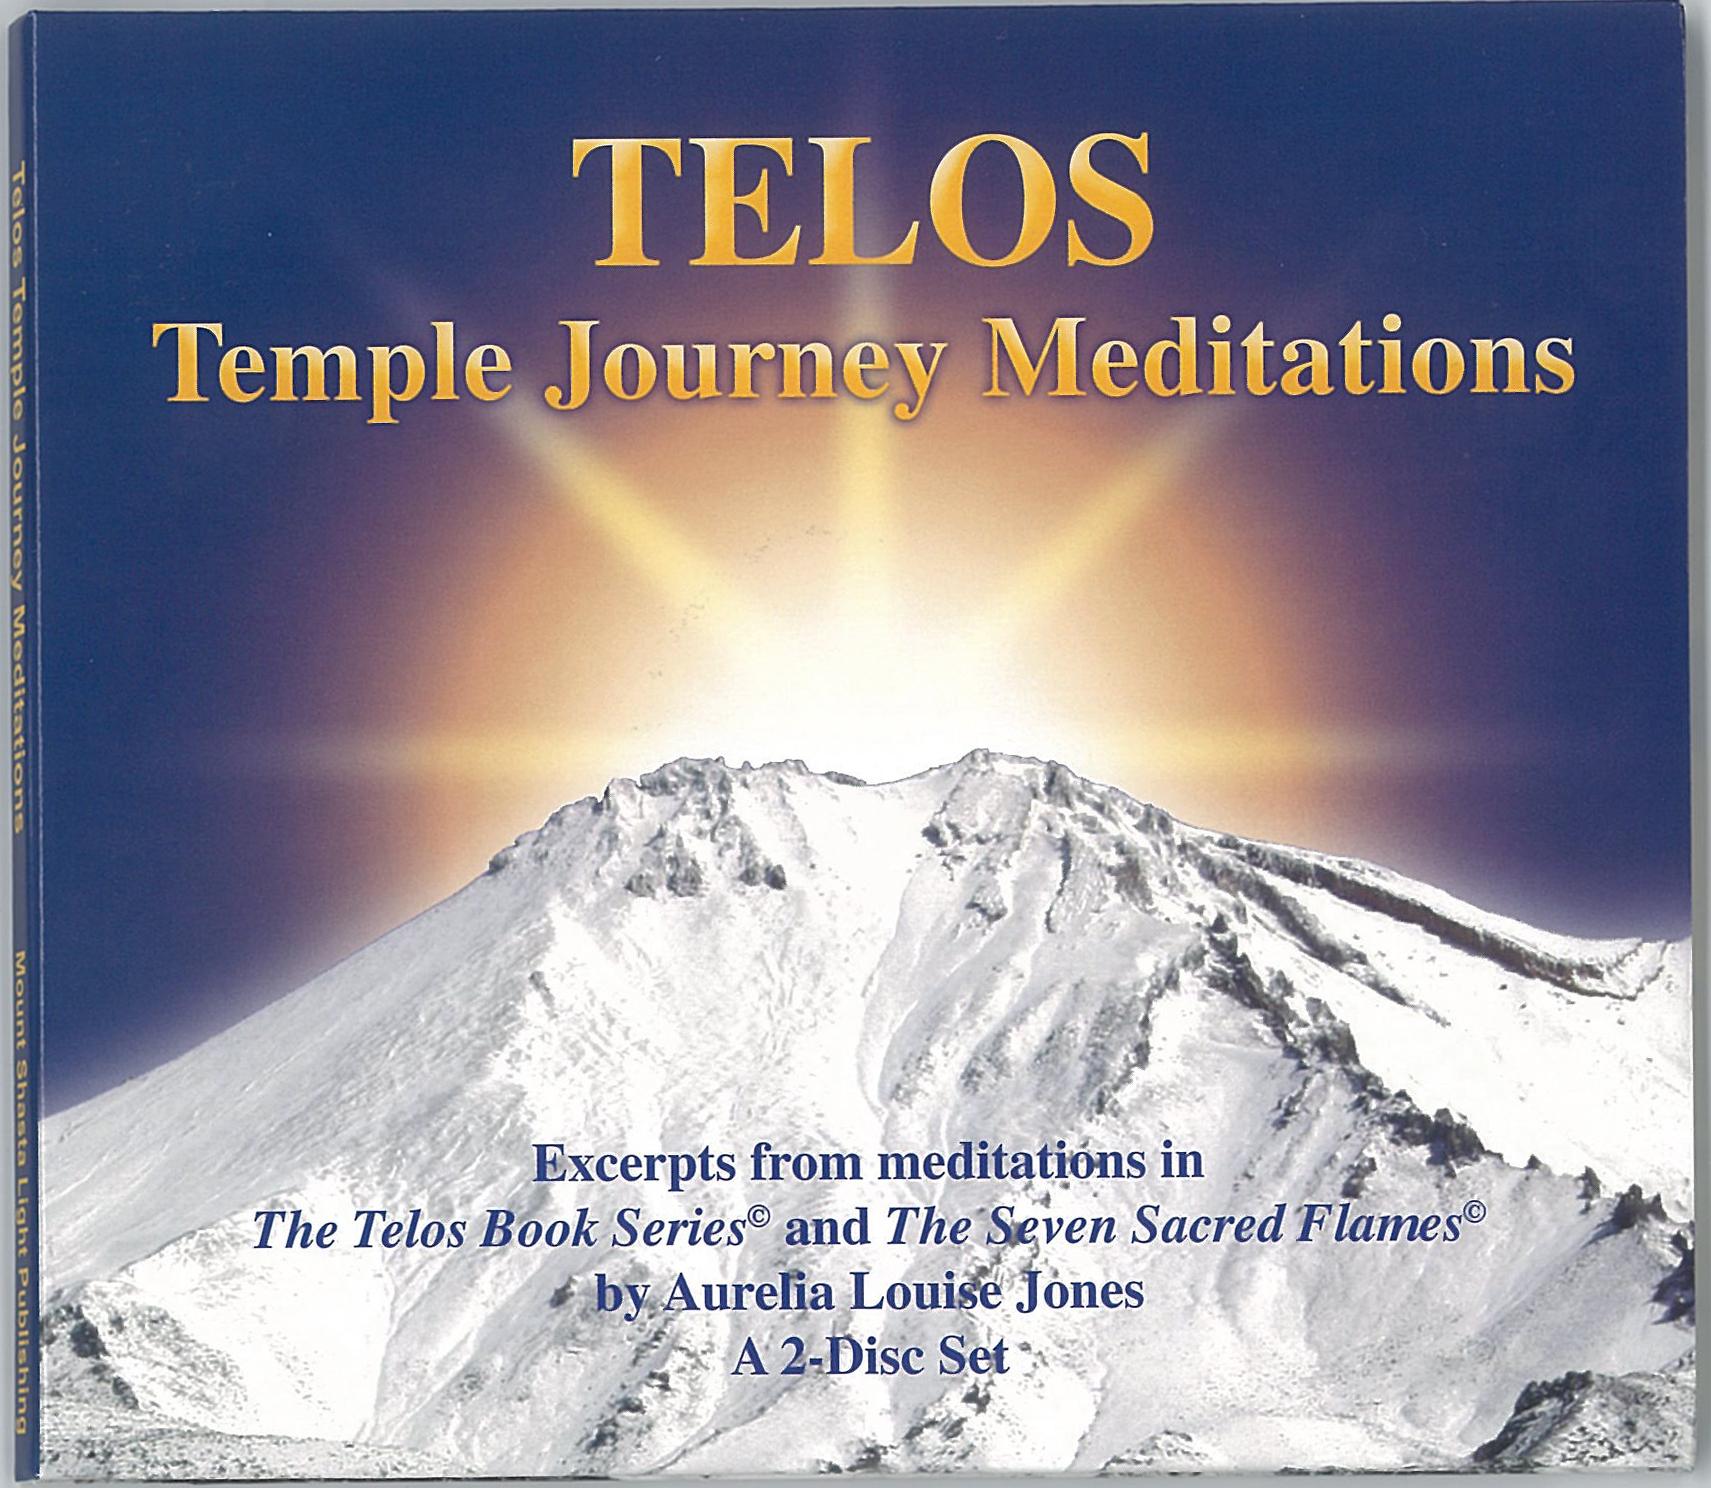 teloscdmeditations.jpg